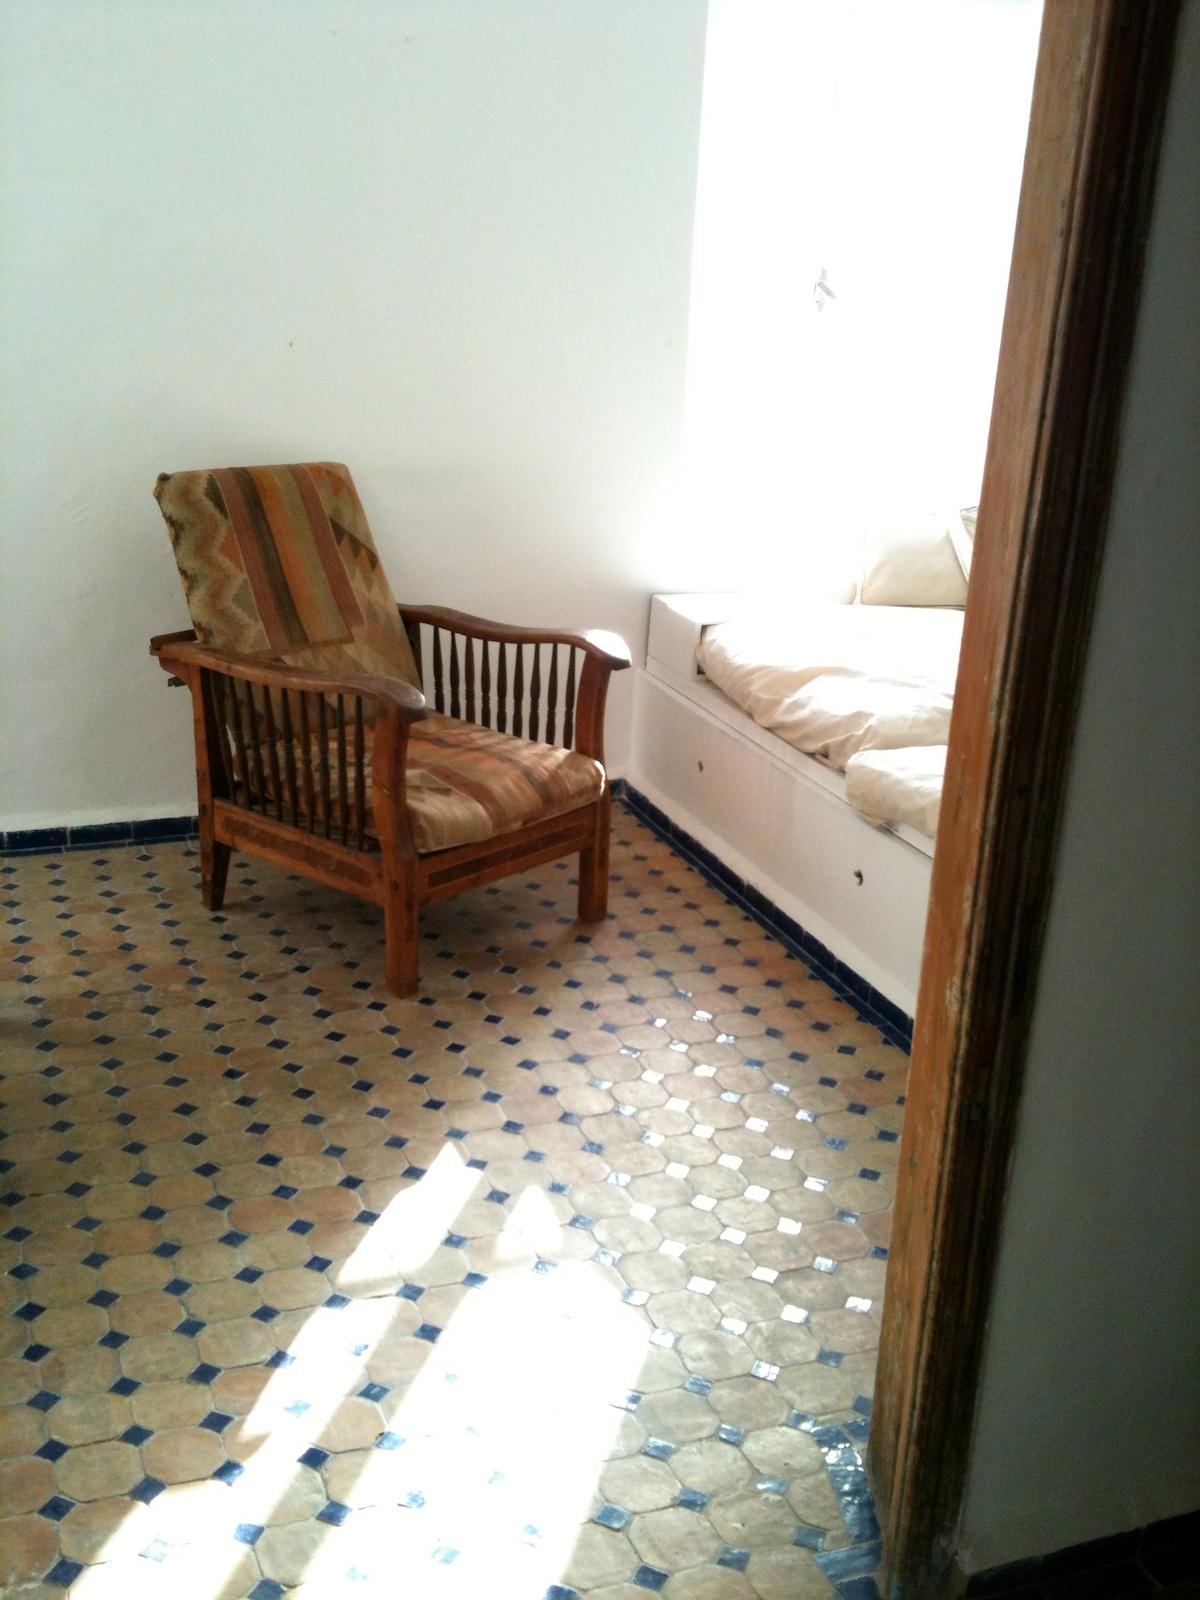 Vintage thuya chair in living room